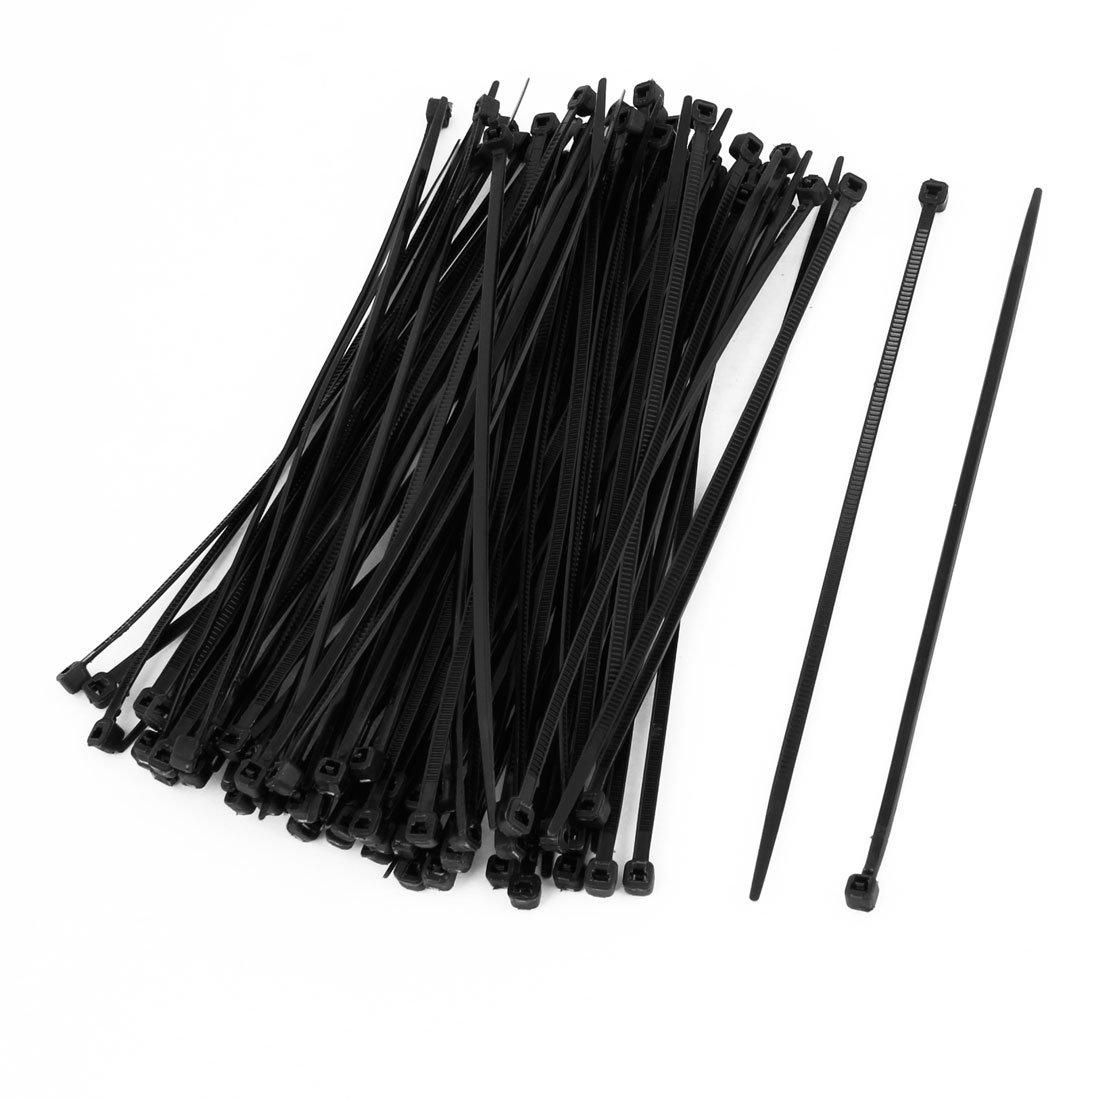 Cable Tie ขนาด 15cm